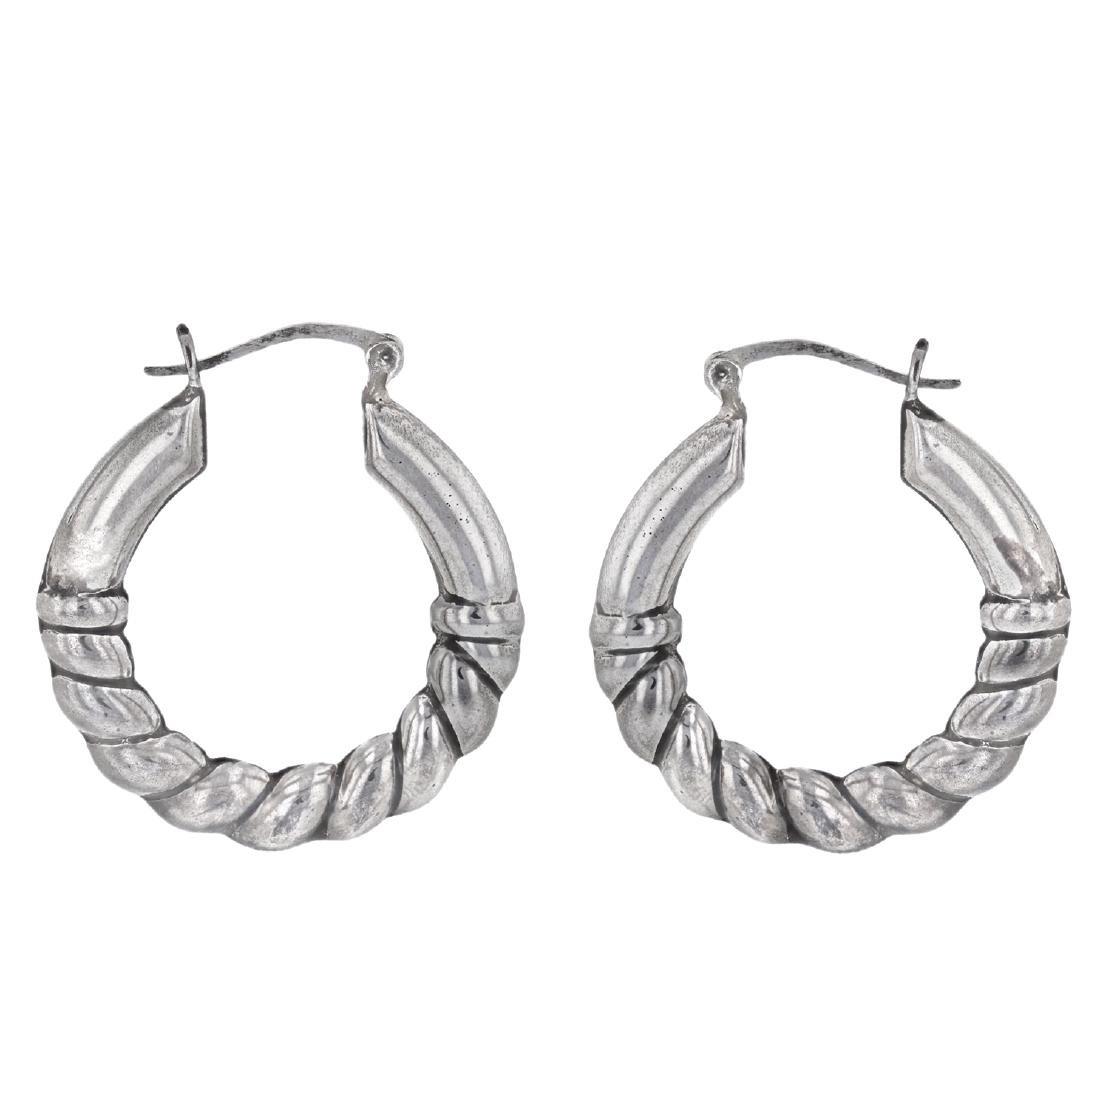 SILVER Hoop Earrings - 2